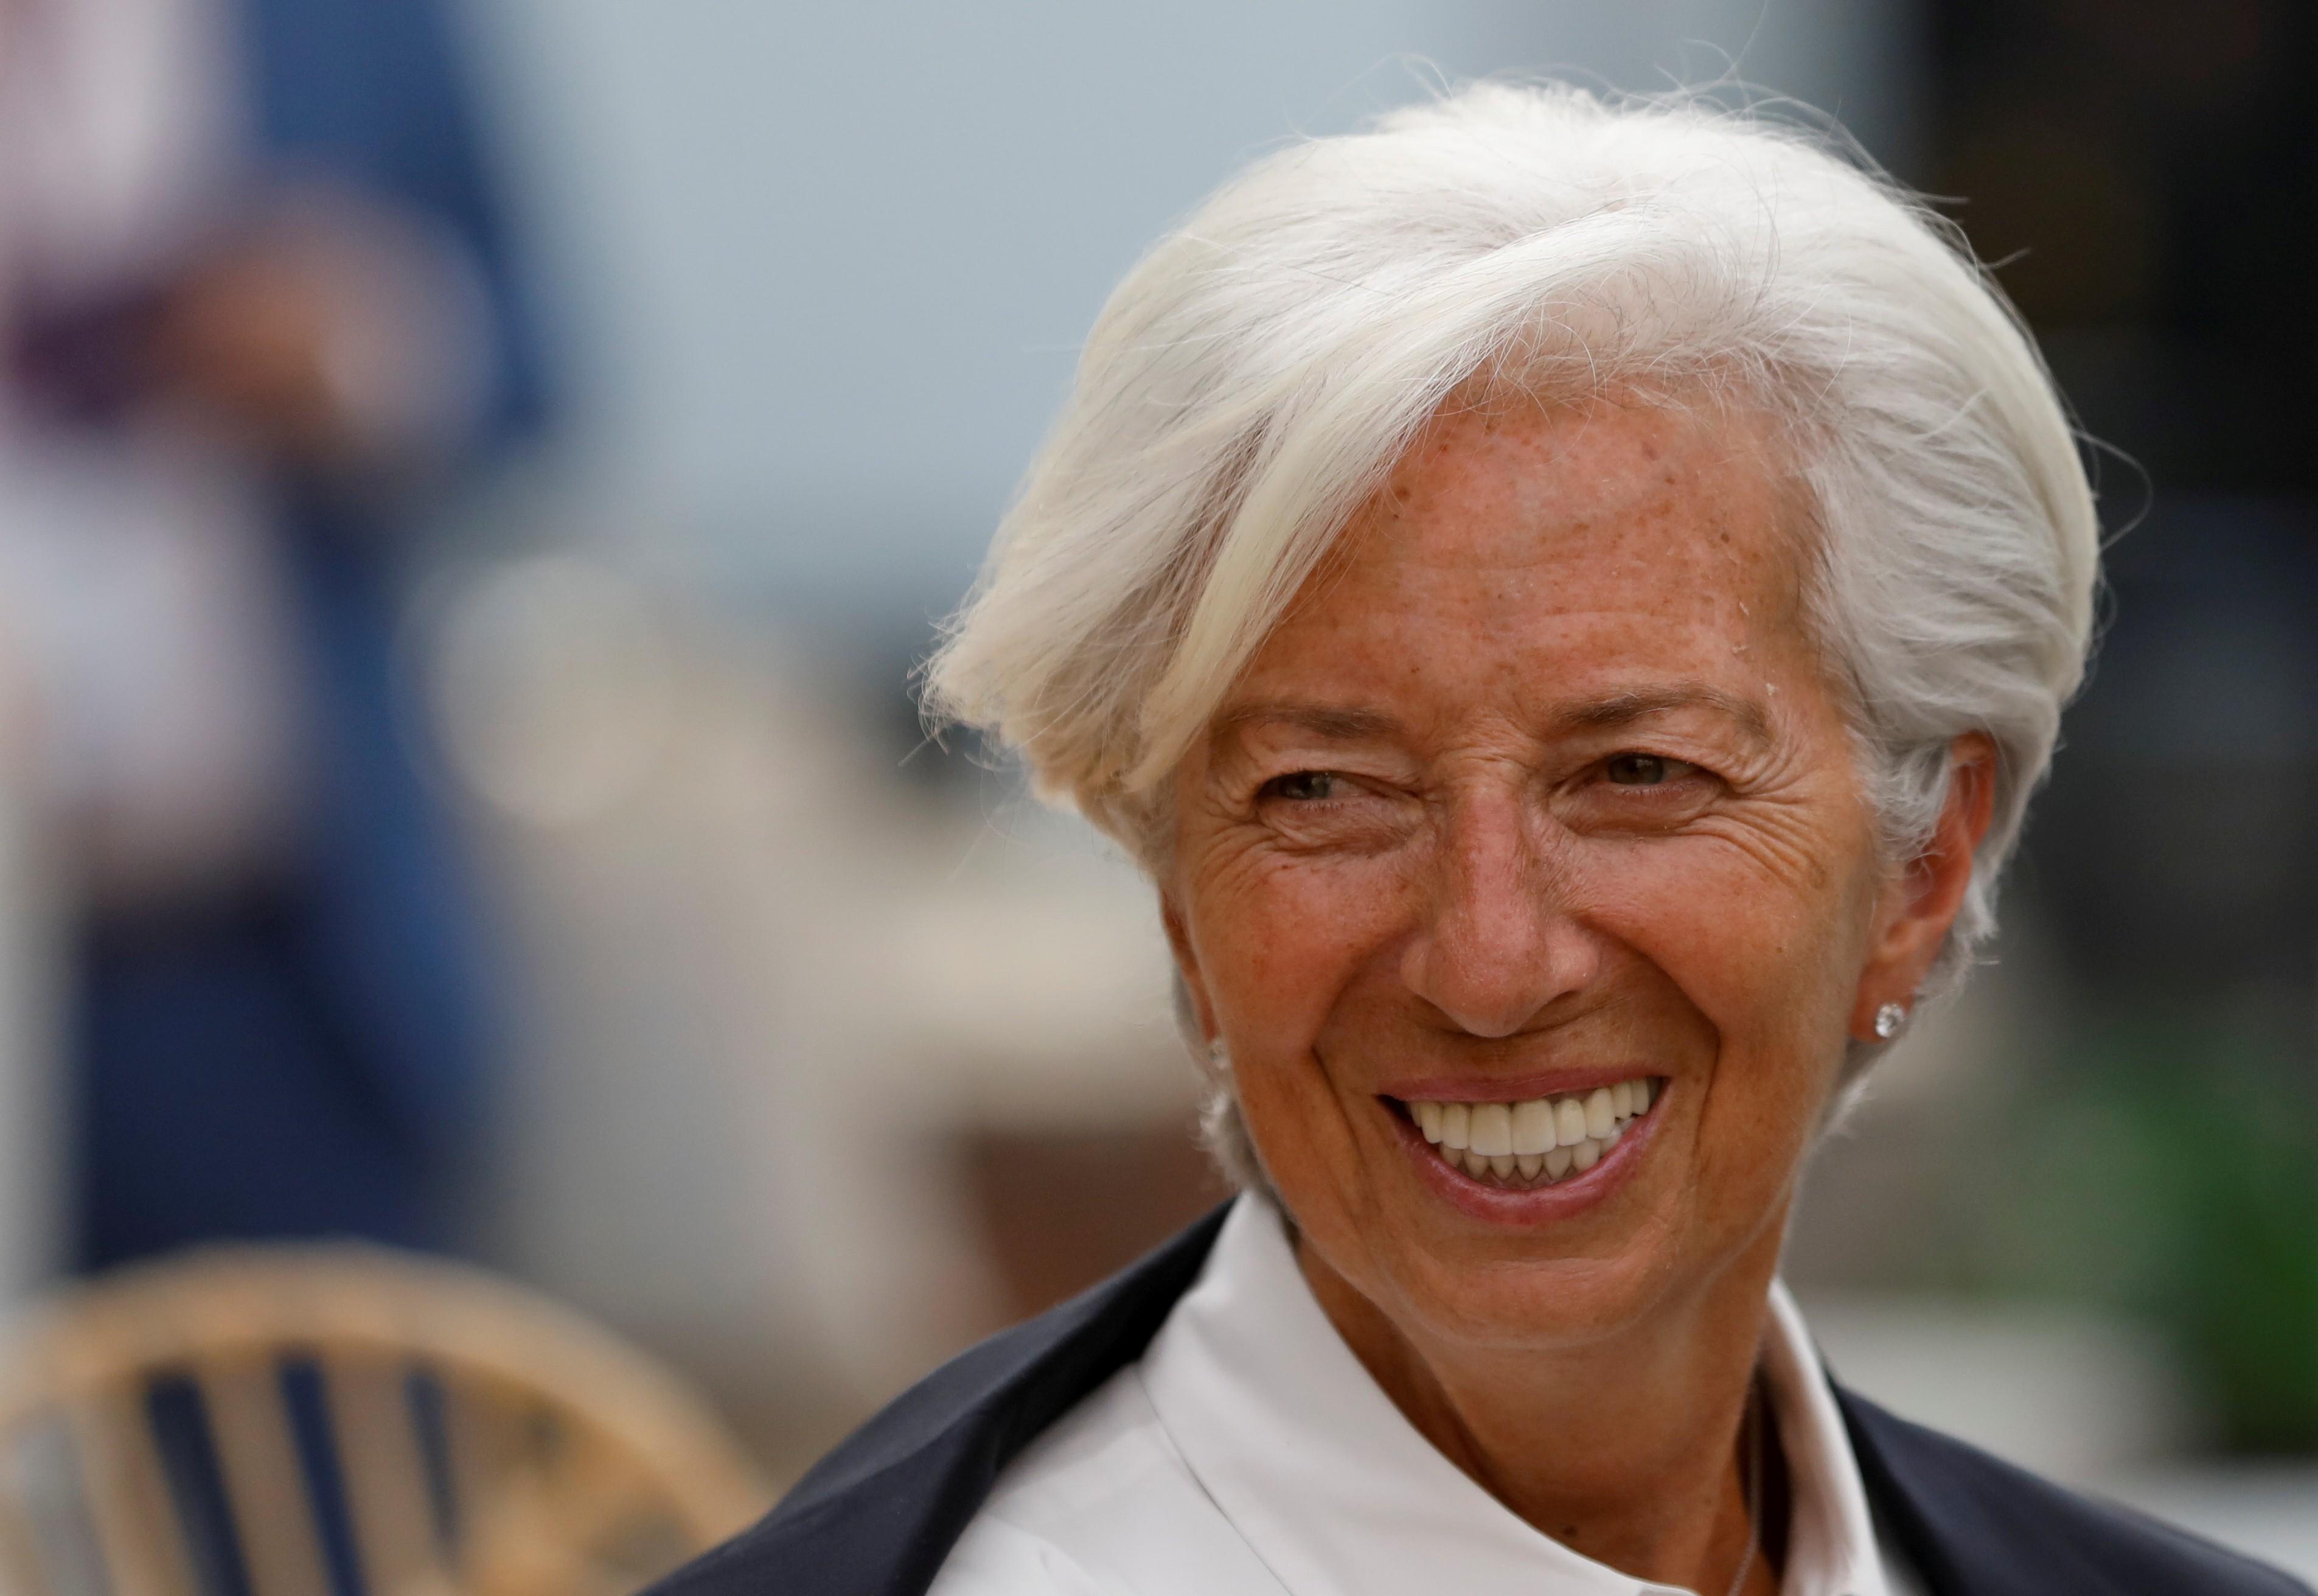 Líderes da UE confirmam nomeação de Lagarde como presidente do BCE - Notícias - Plantão Diário